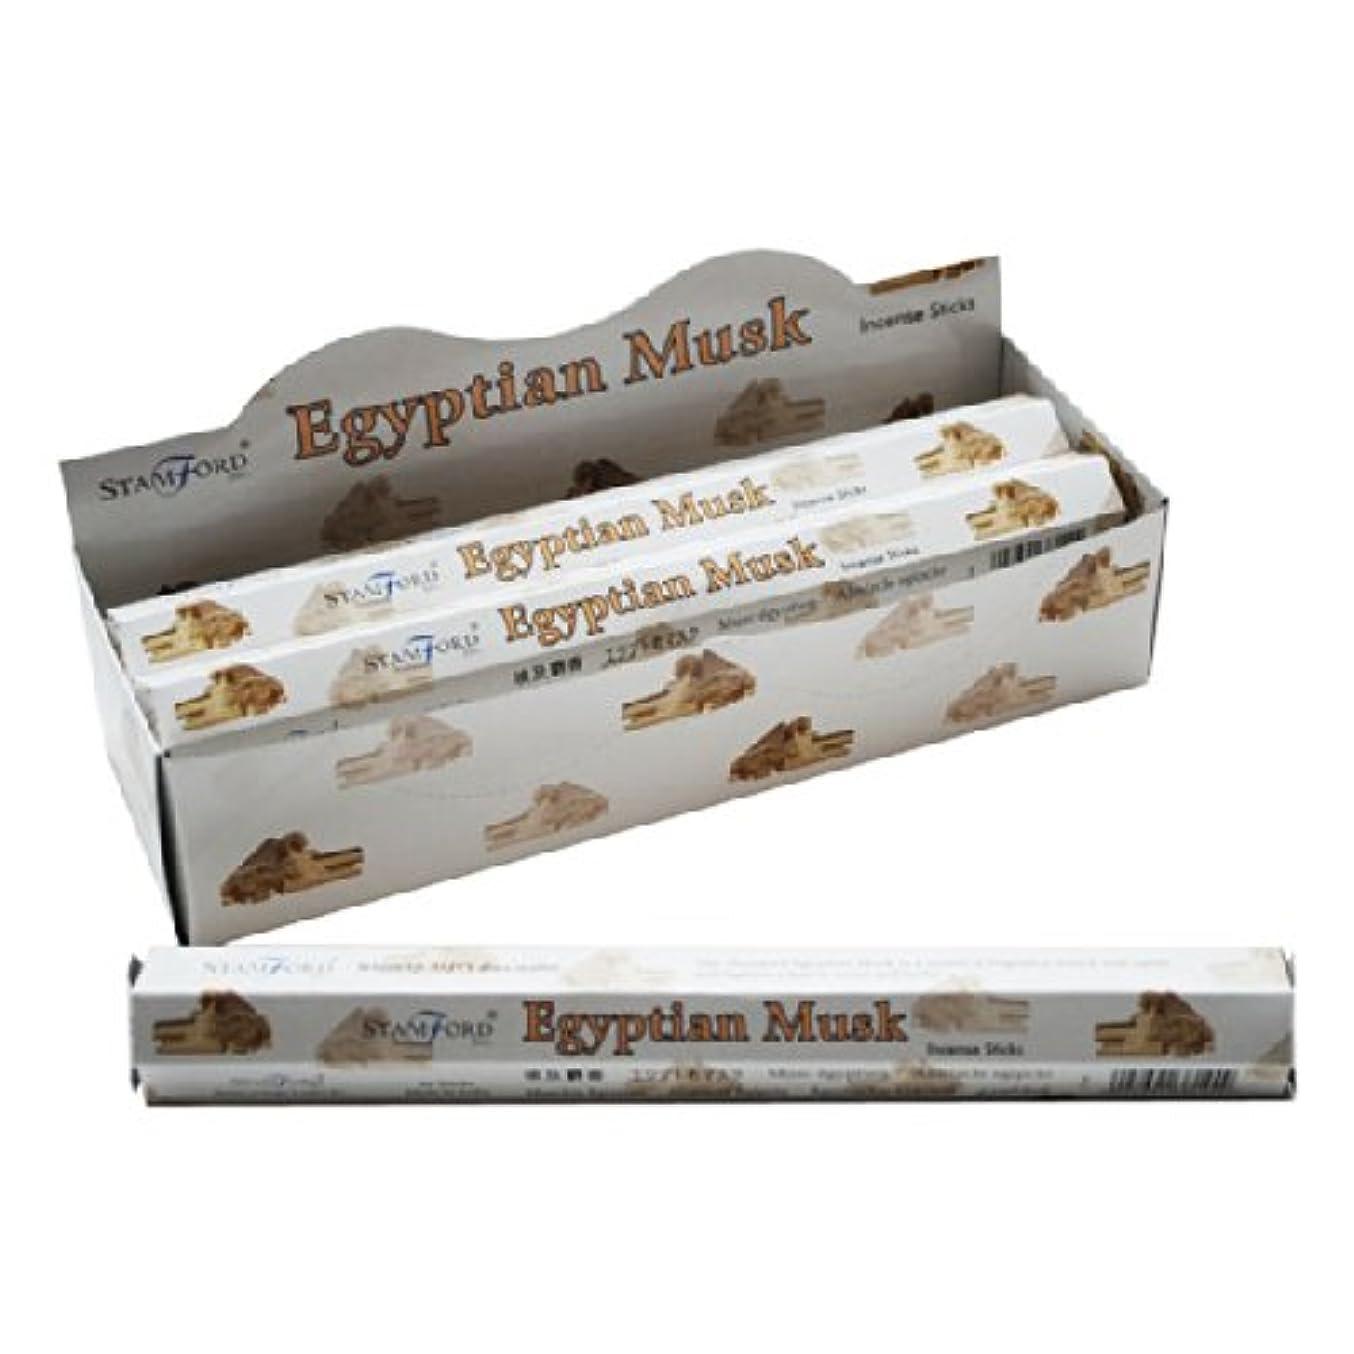 六ブル雪の6 Packs Of Elements Egyptian Musk Incense Sticks